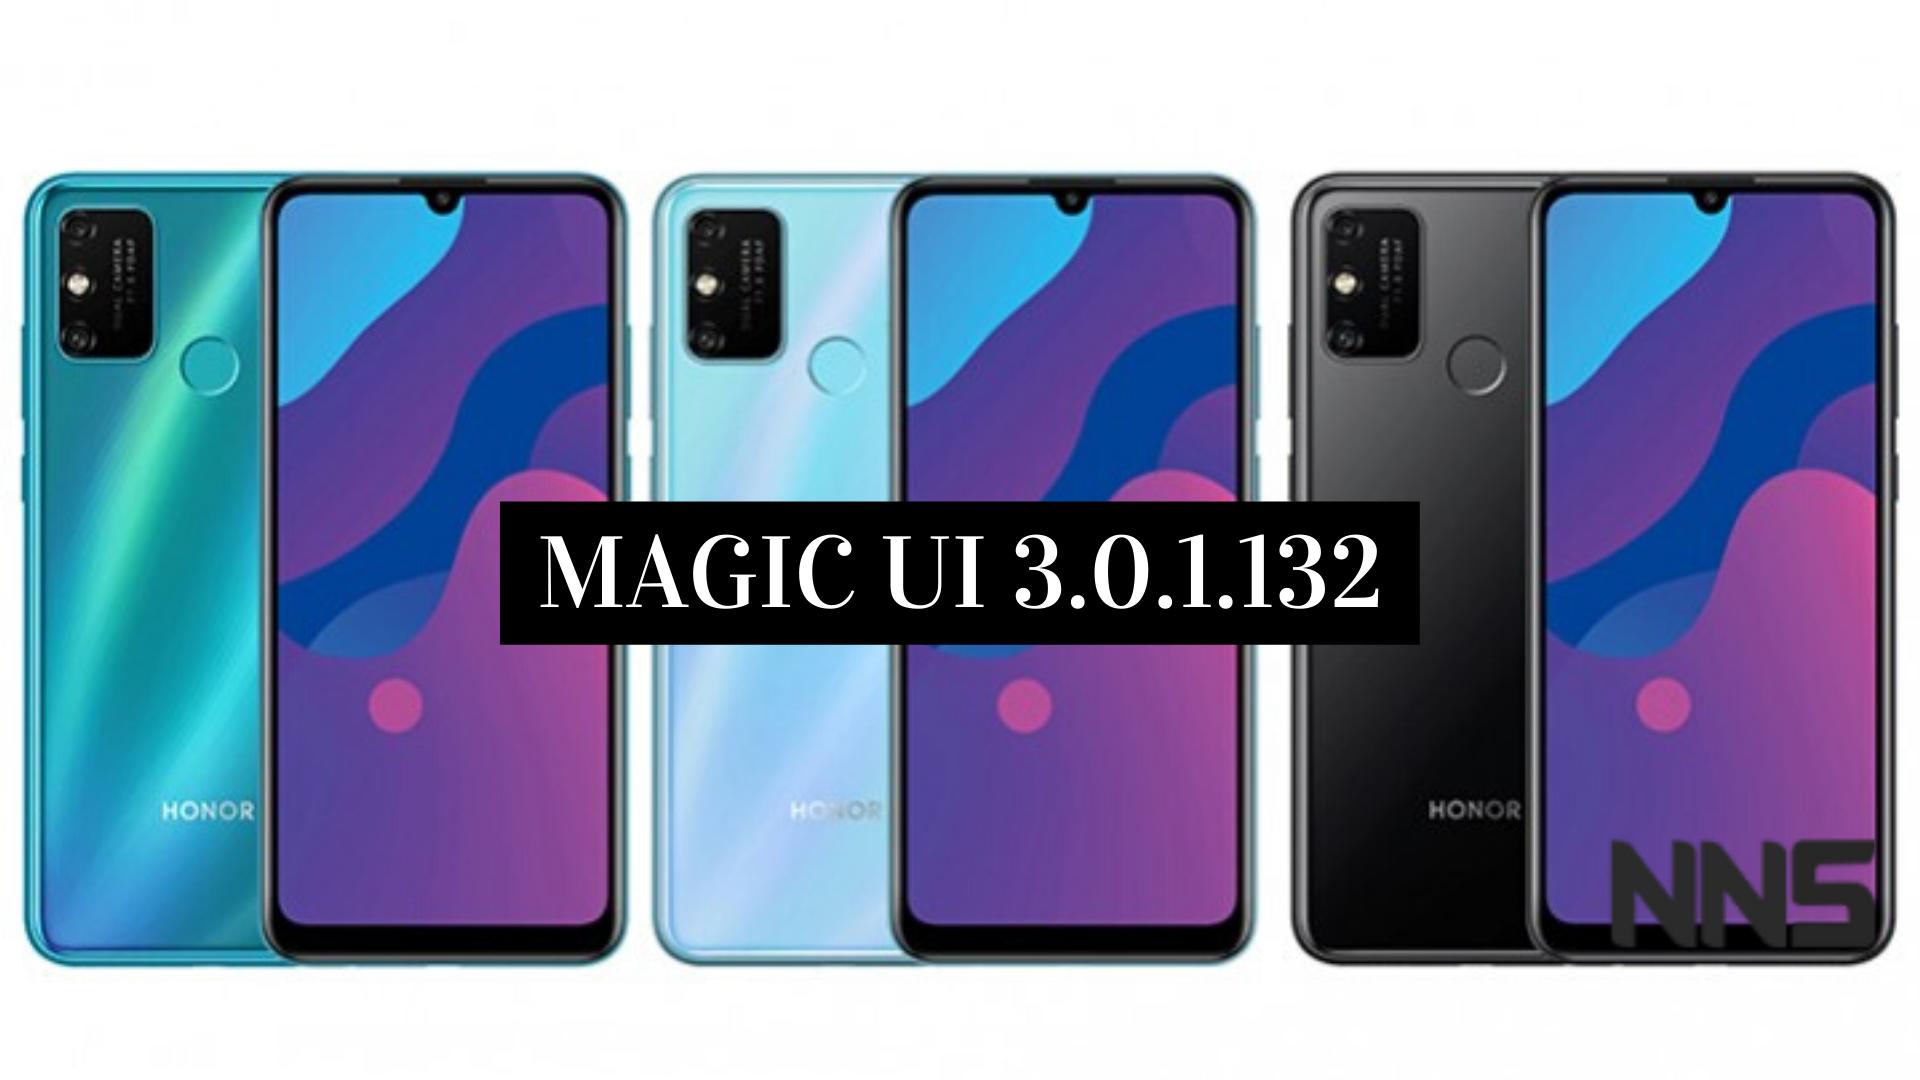 Magic UI 3.0.1.132